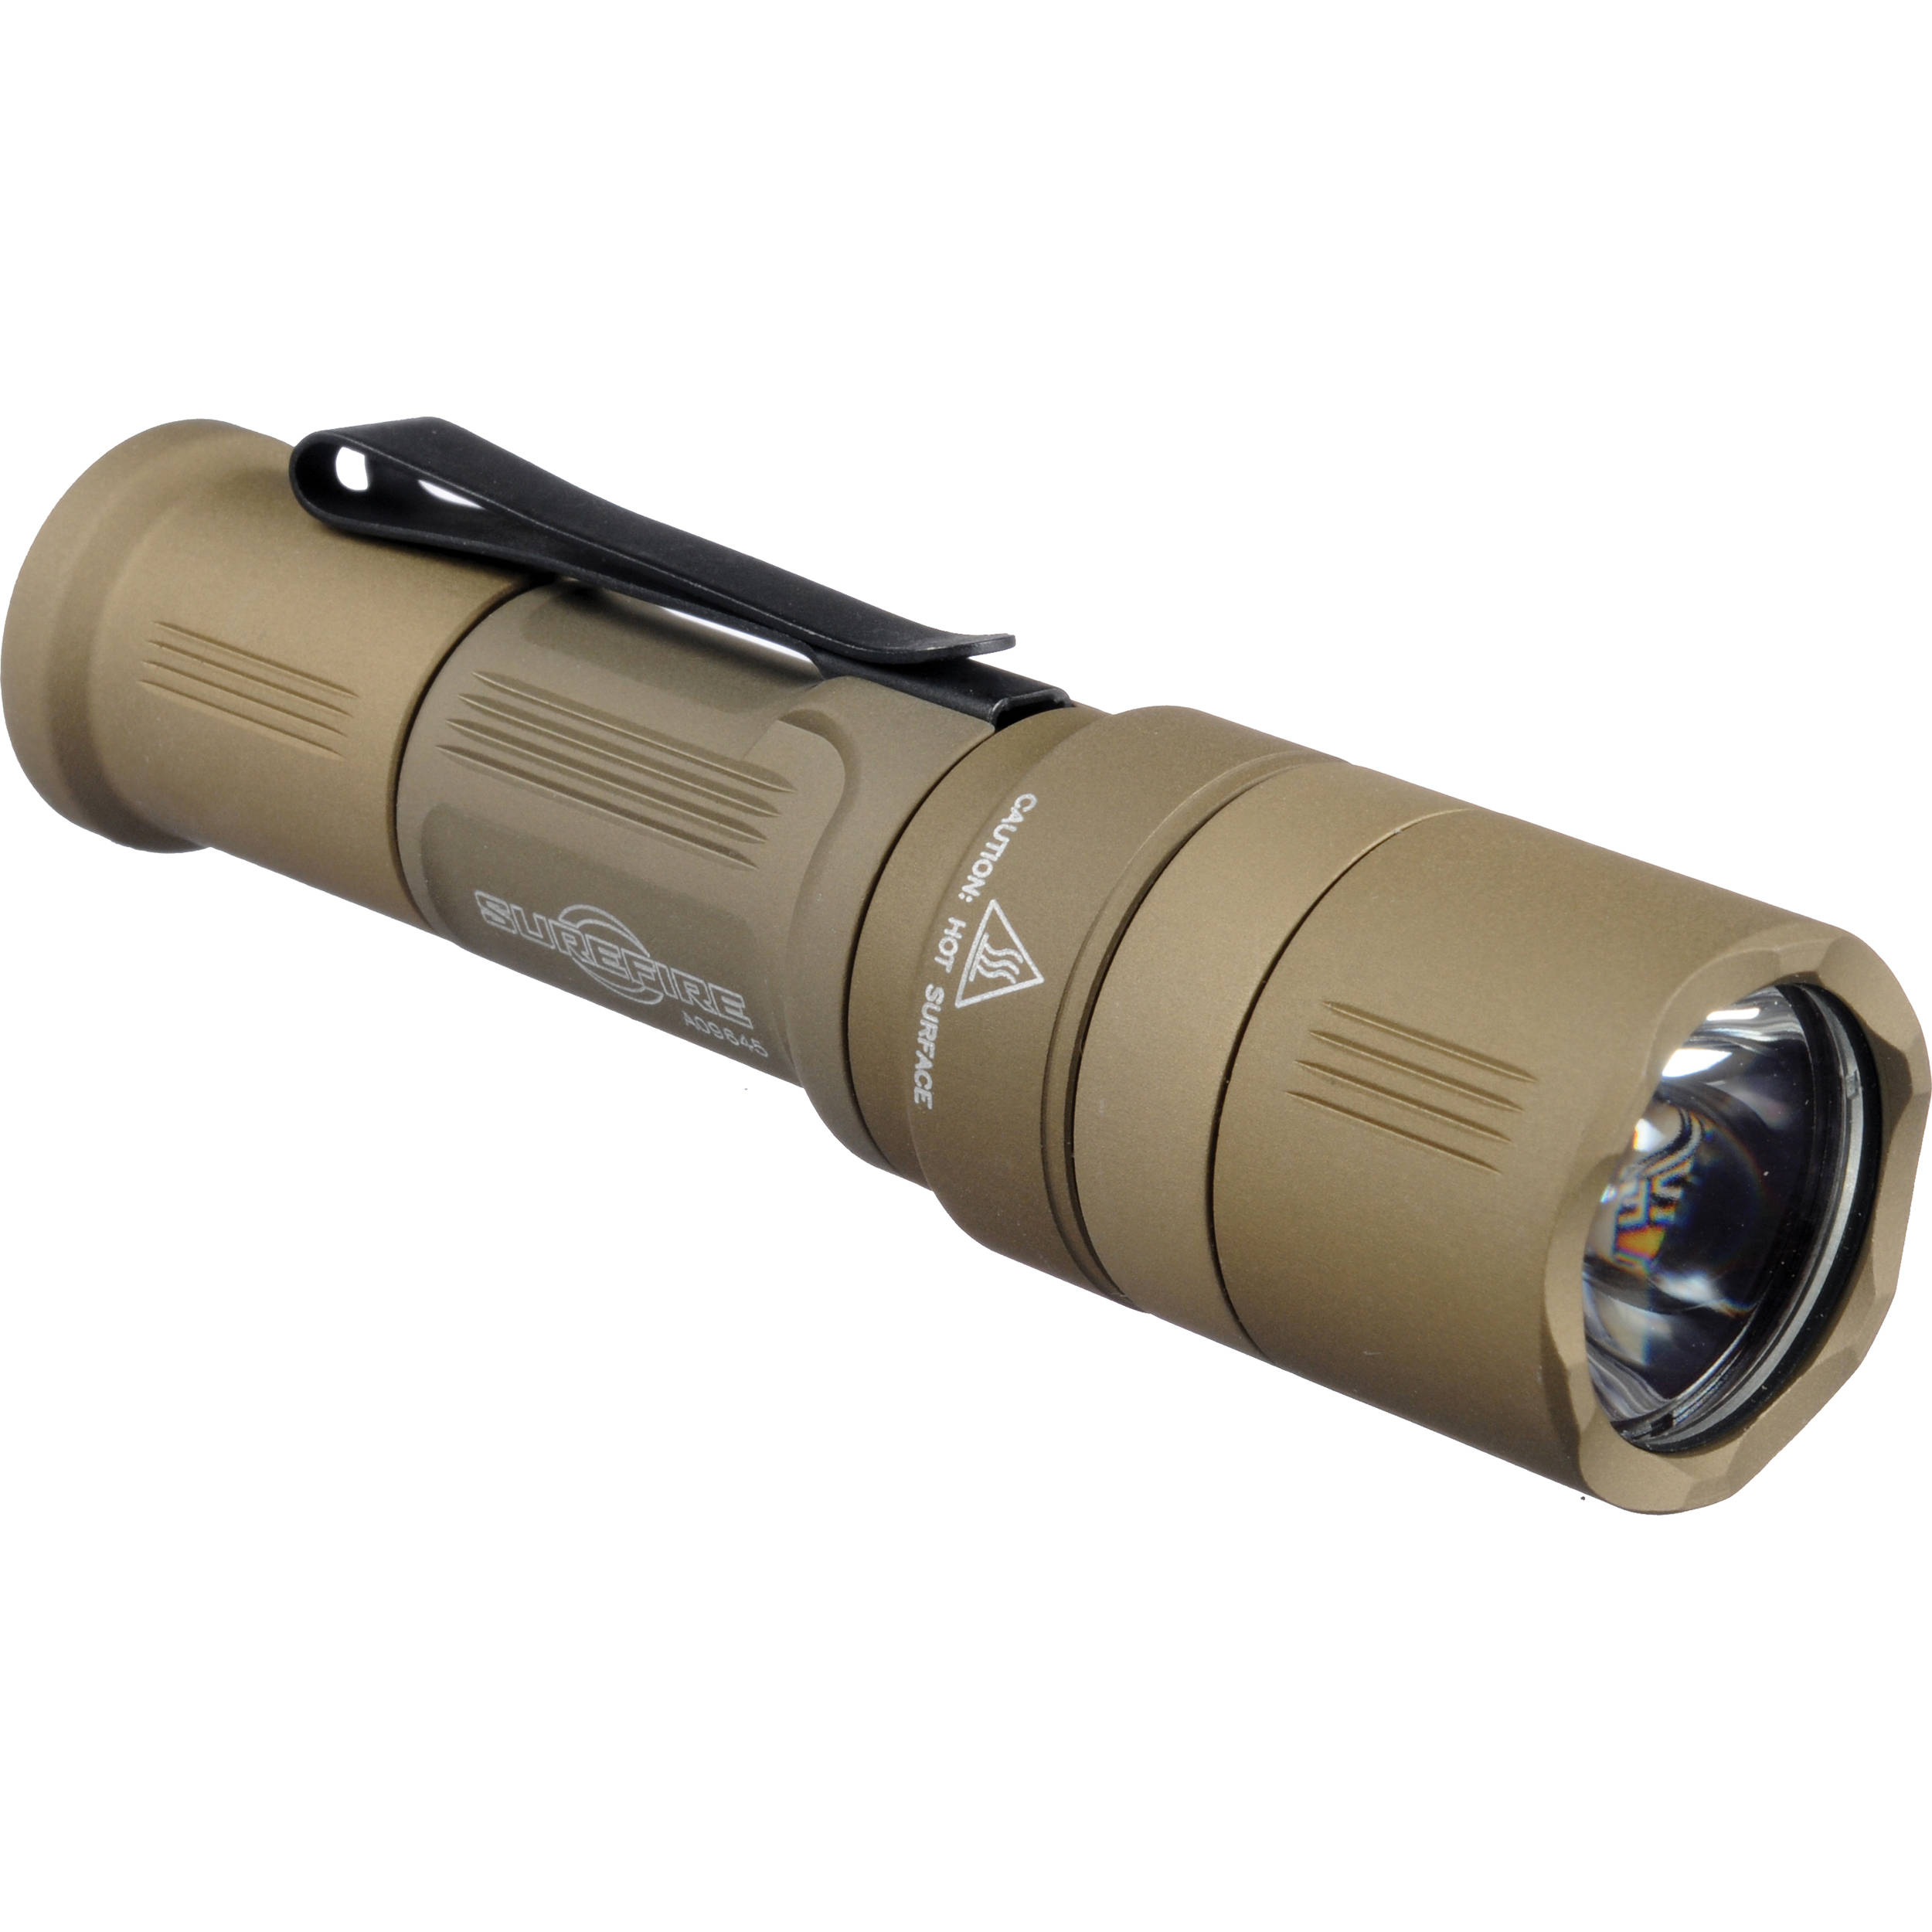 SureFire EB1 Backup LED Flashlight (Shrouded Tailcap, Desert Tan)